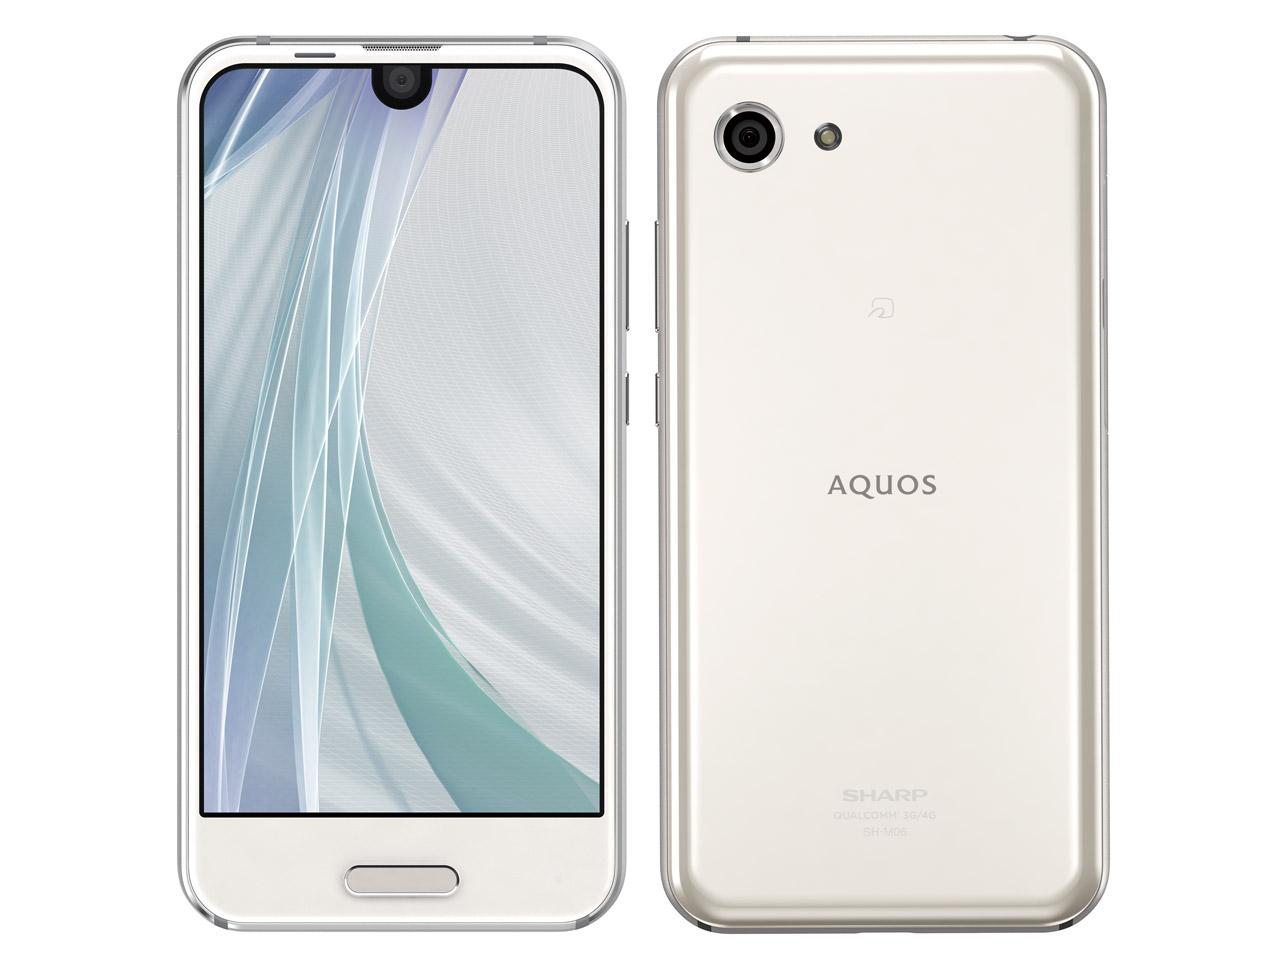 中古 AQUOS R compact SH-M06 White SIMフリー スマホ 本体 送料無料【当社3ヶ月間保証】【中古】 【 携帯少年 】